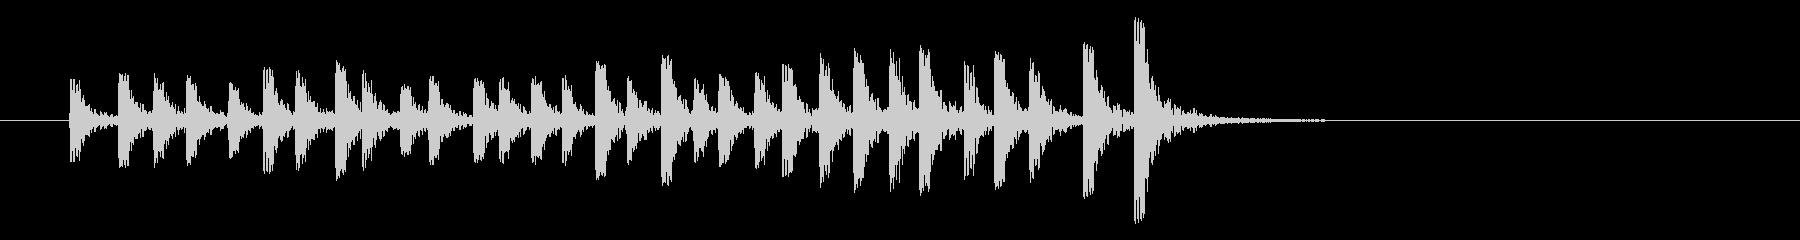 パーカッション-ボンゴスの未再生の波形